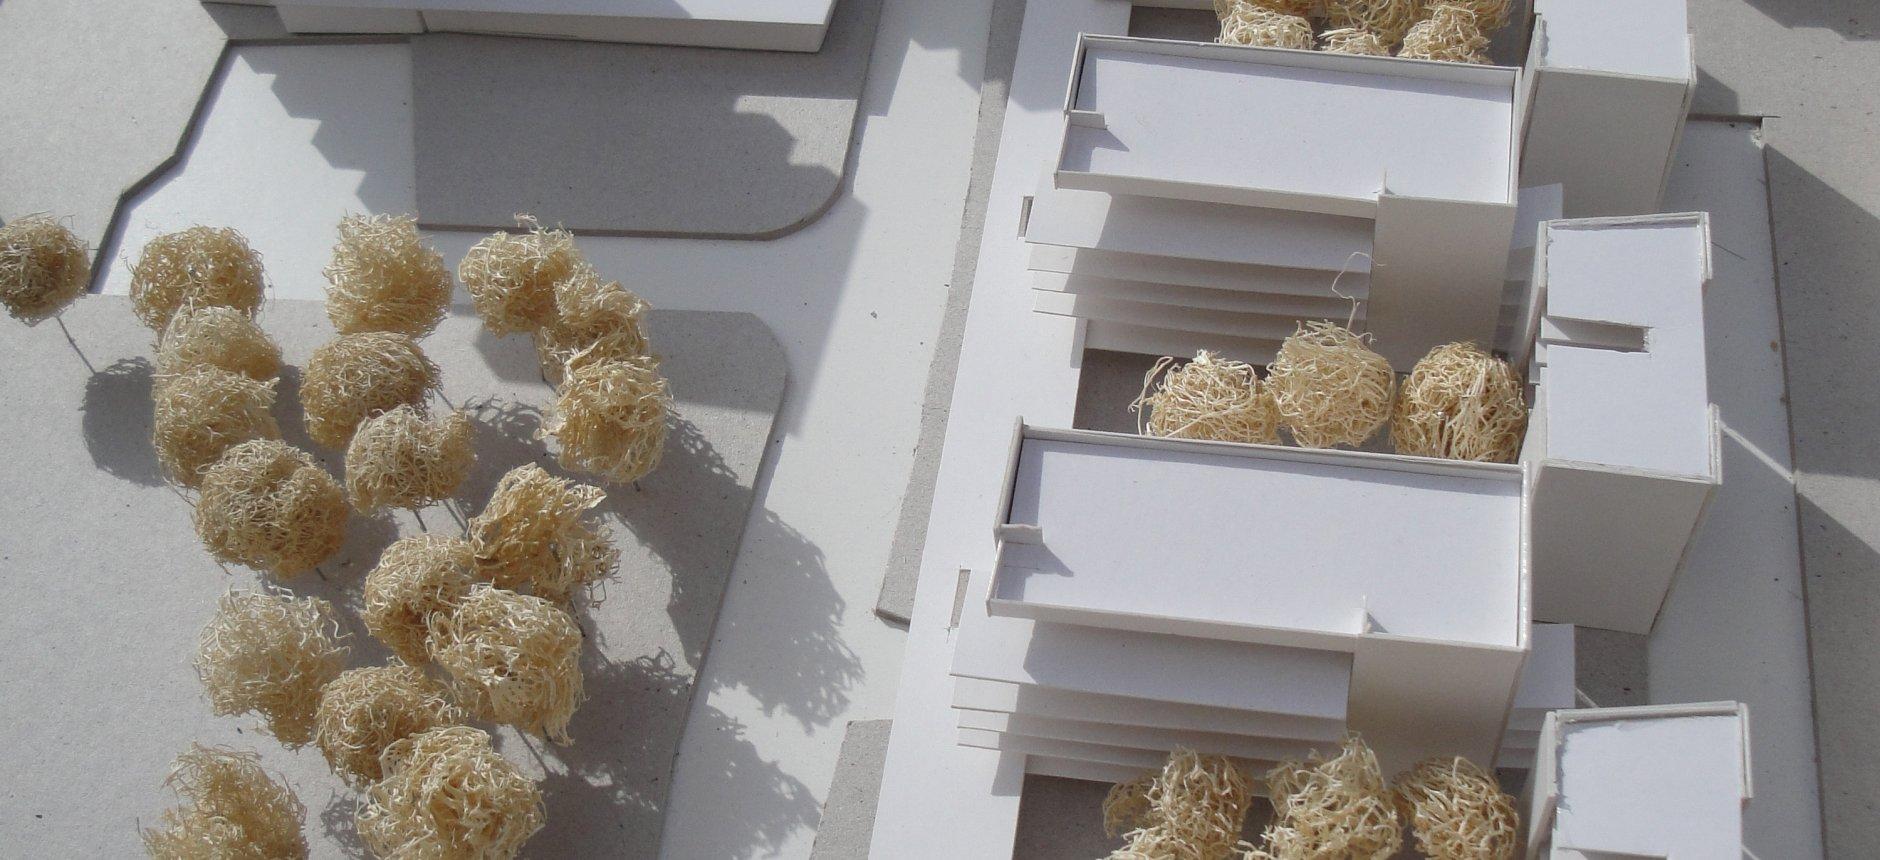 מודל להתחדשות עירונית מתחם רידינג תל אביב תמ״א 38